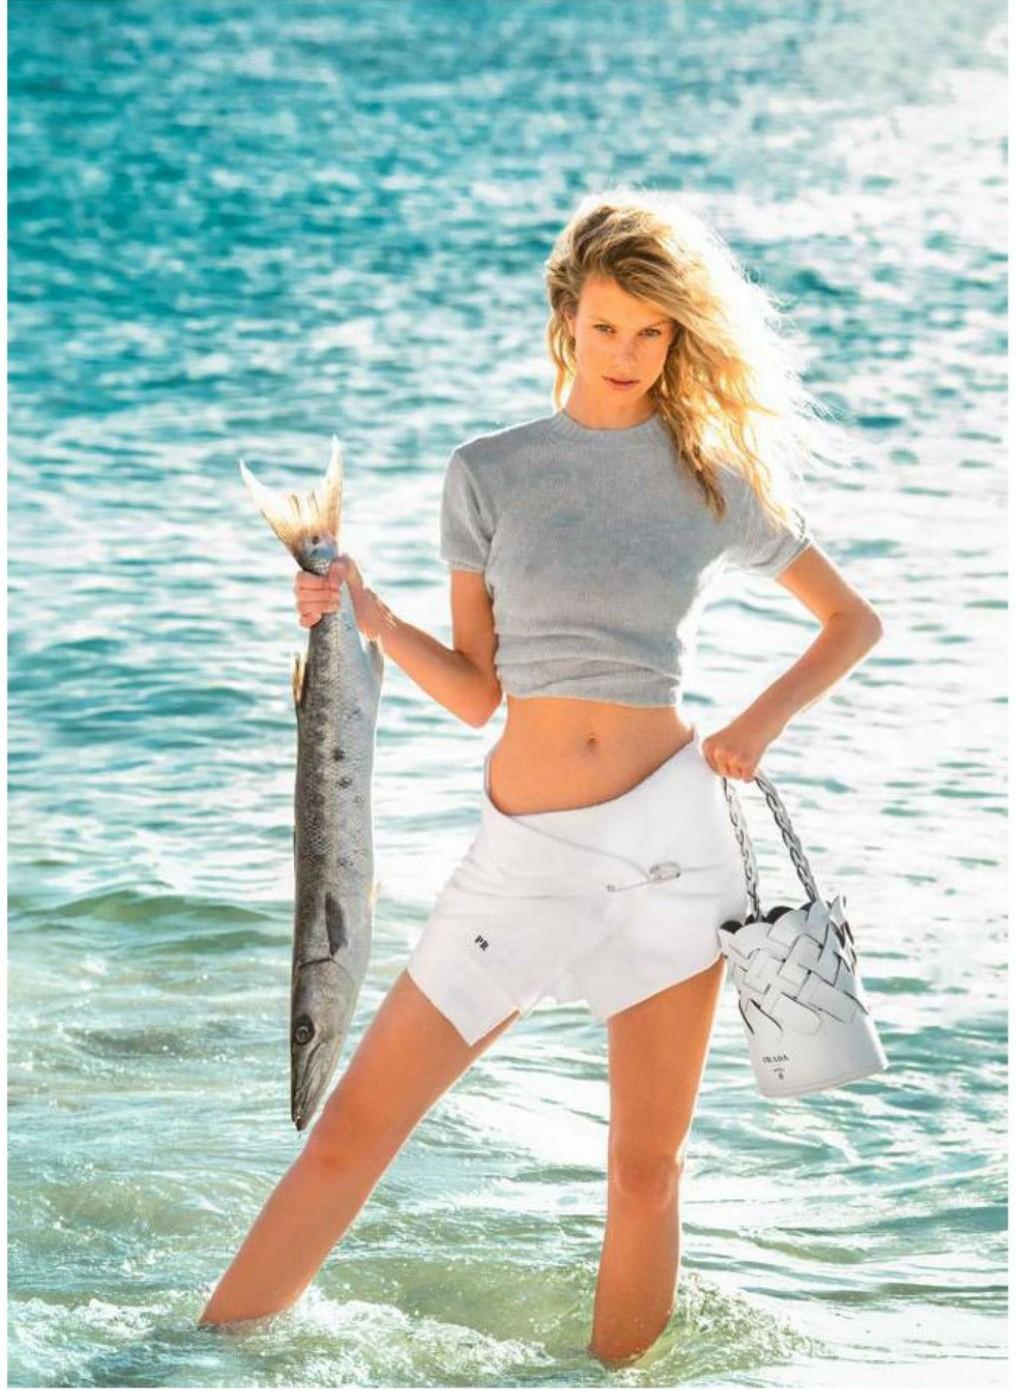 Siêu mẫu 9x Nadine Leopold đẹp hút hồn giữa nắng vàng biển xanh - Hình 10